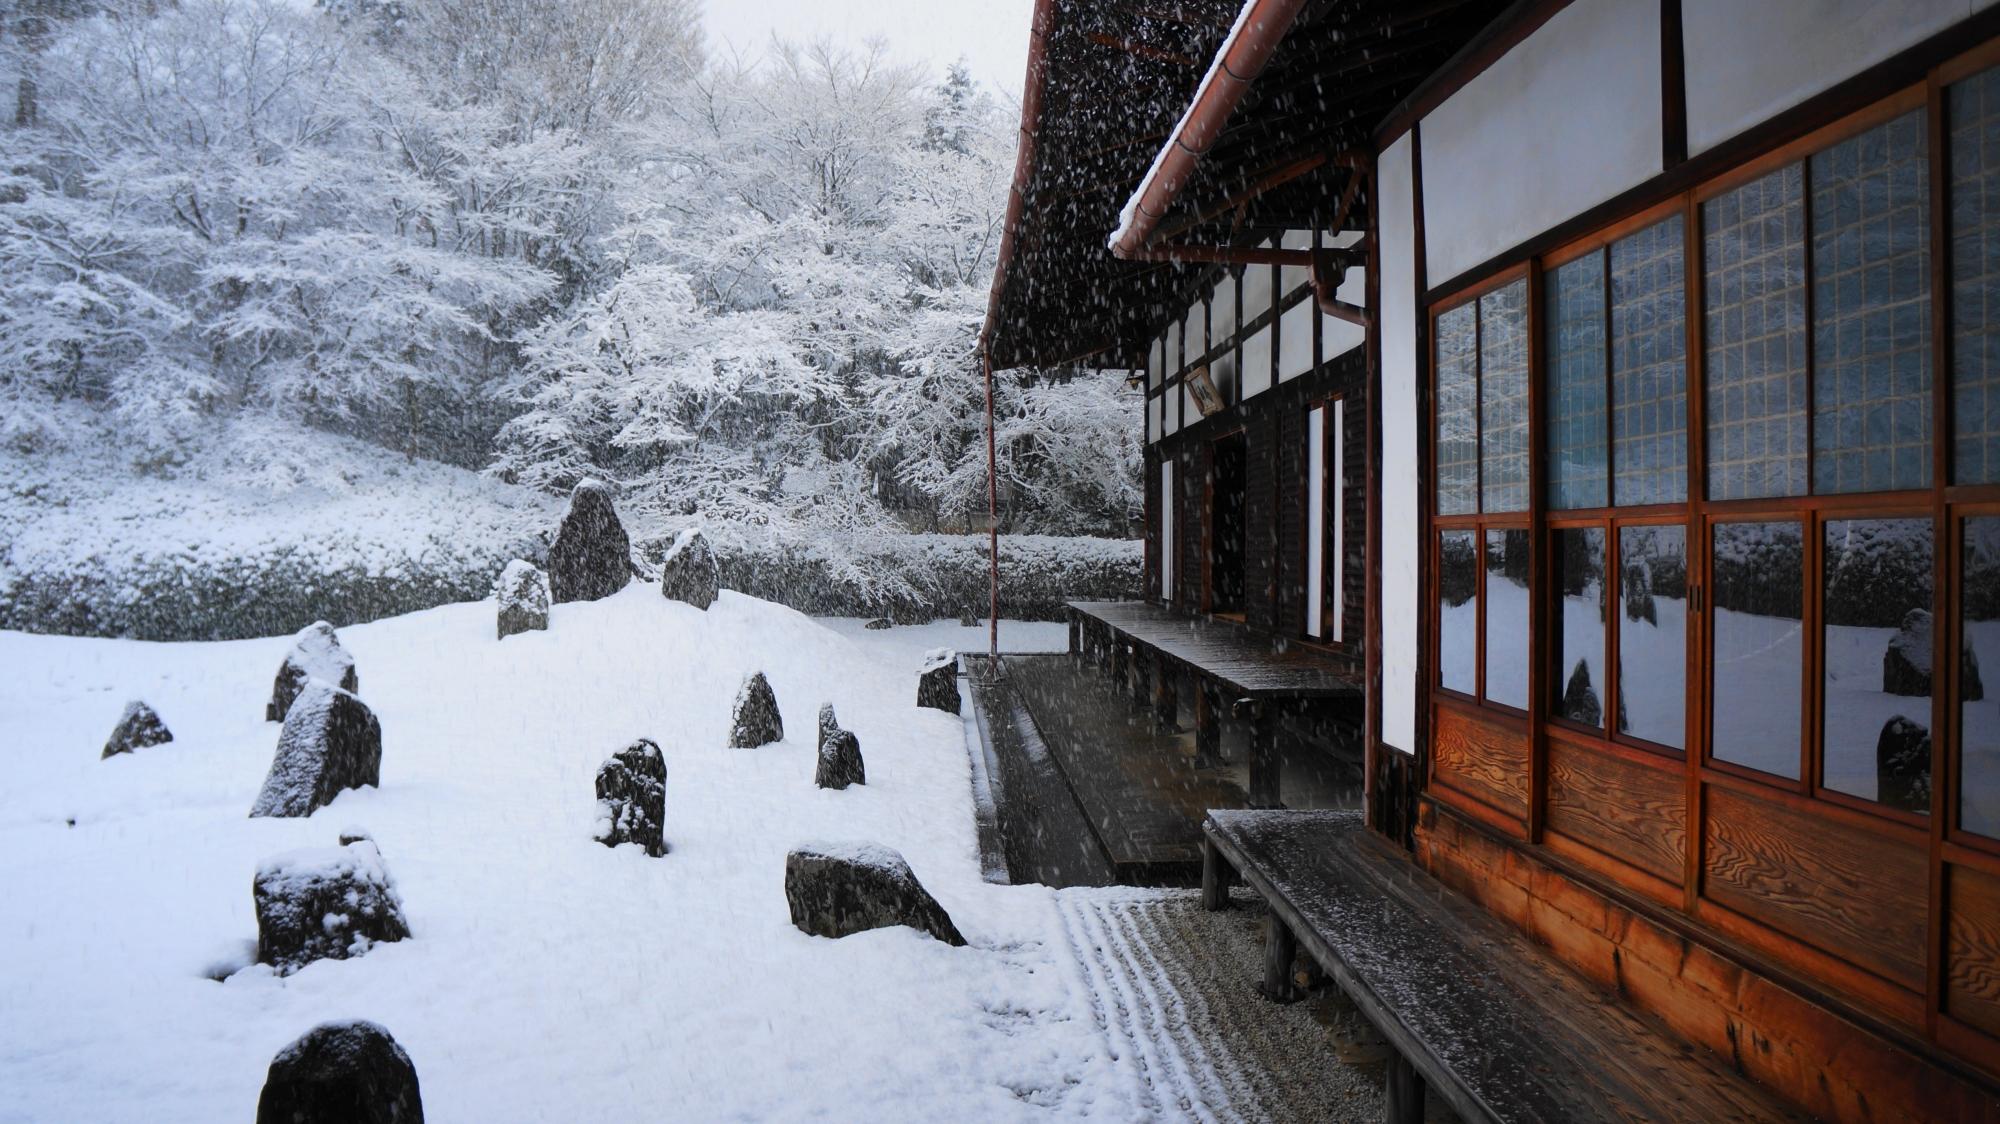 光明院の書院と方丈と庭園の雪景色